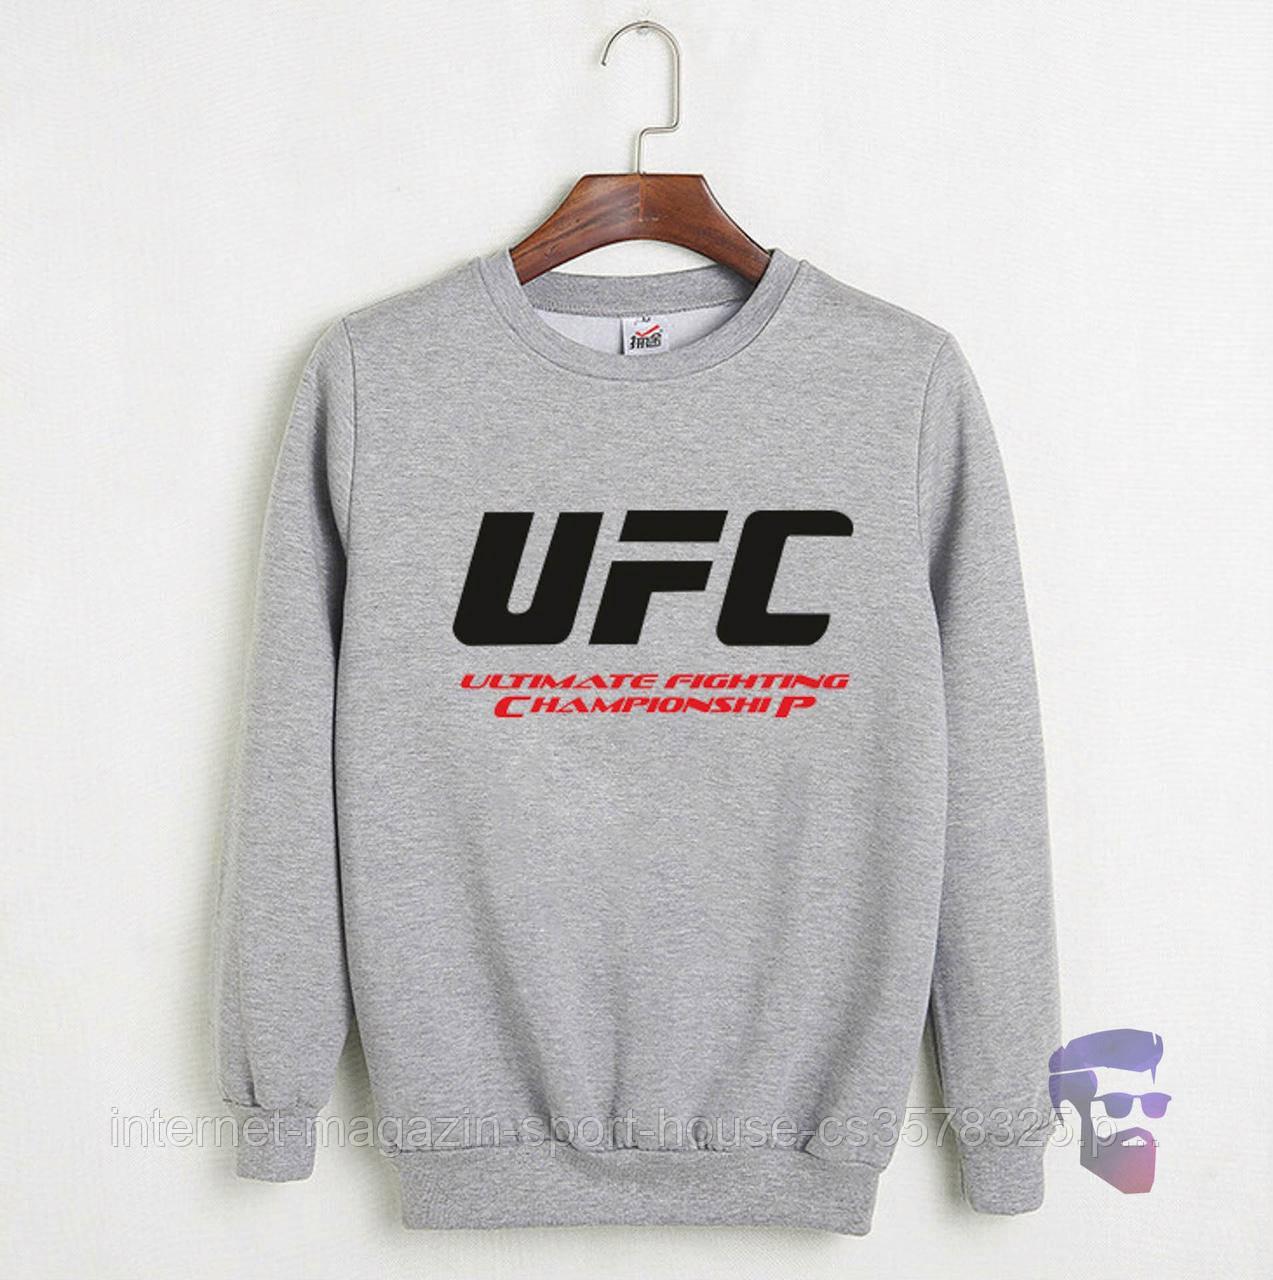 Мужской реглан спортивный ЮФС (UFC), трикотажный (на любой сезон), реплика